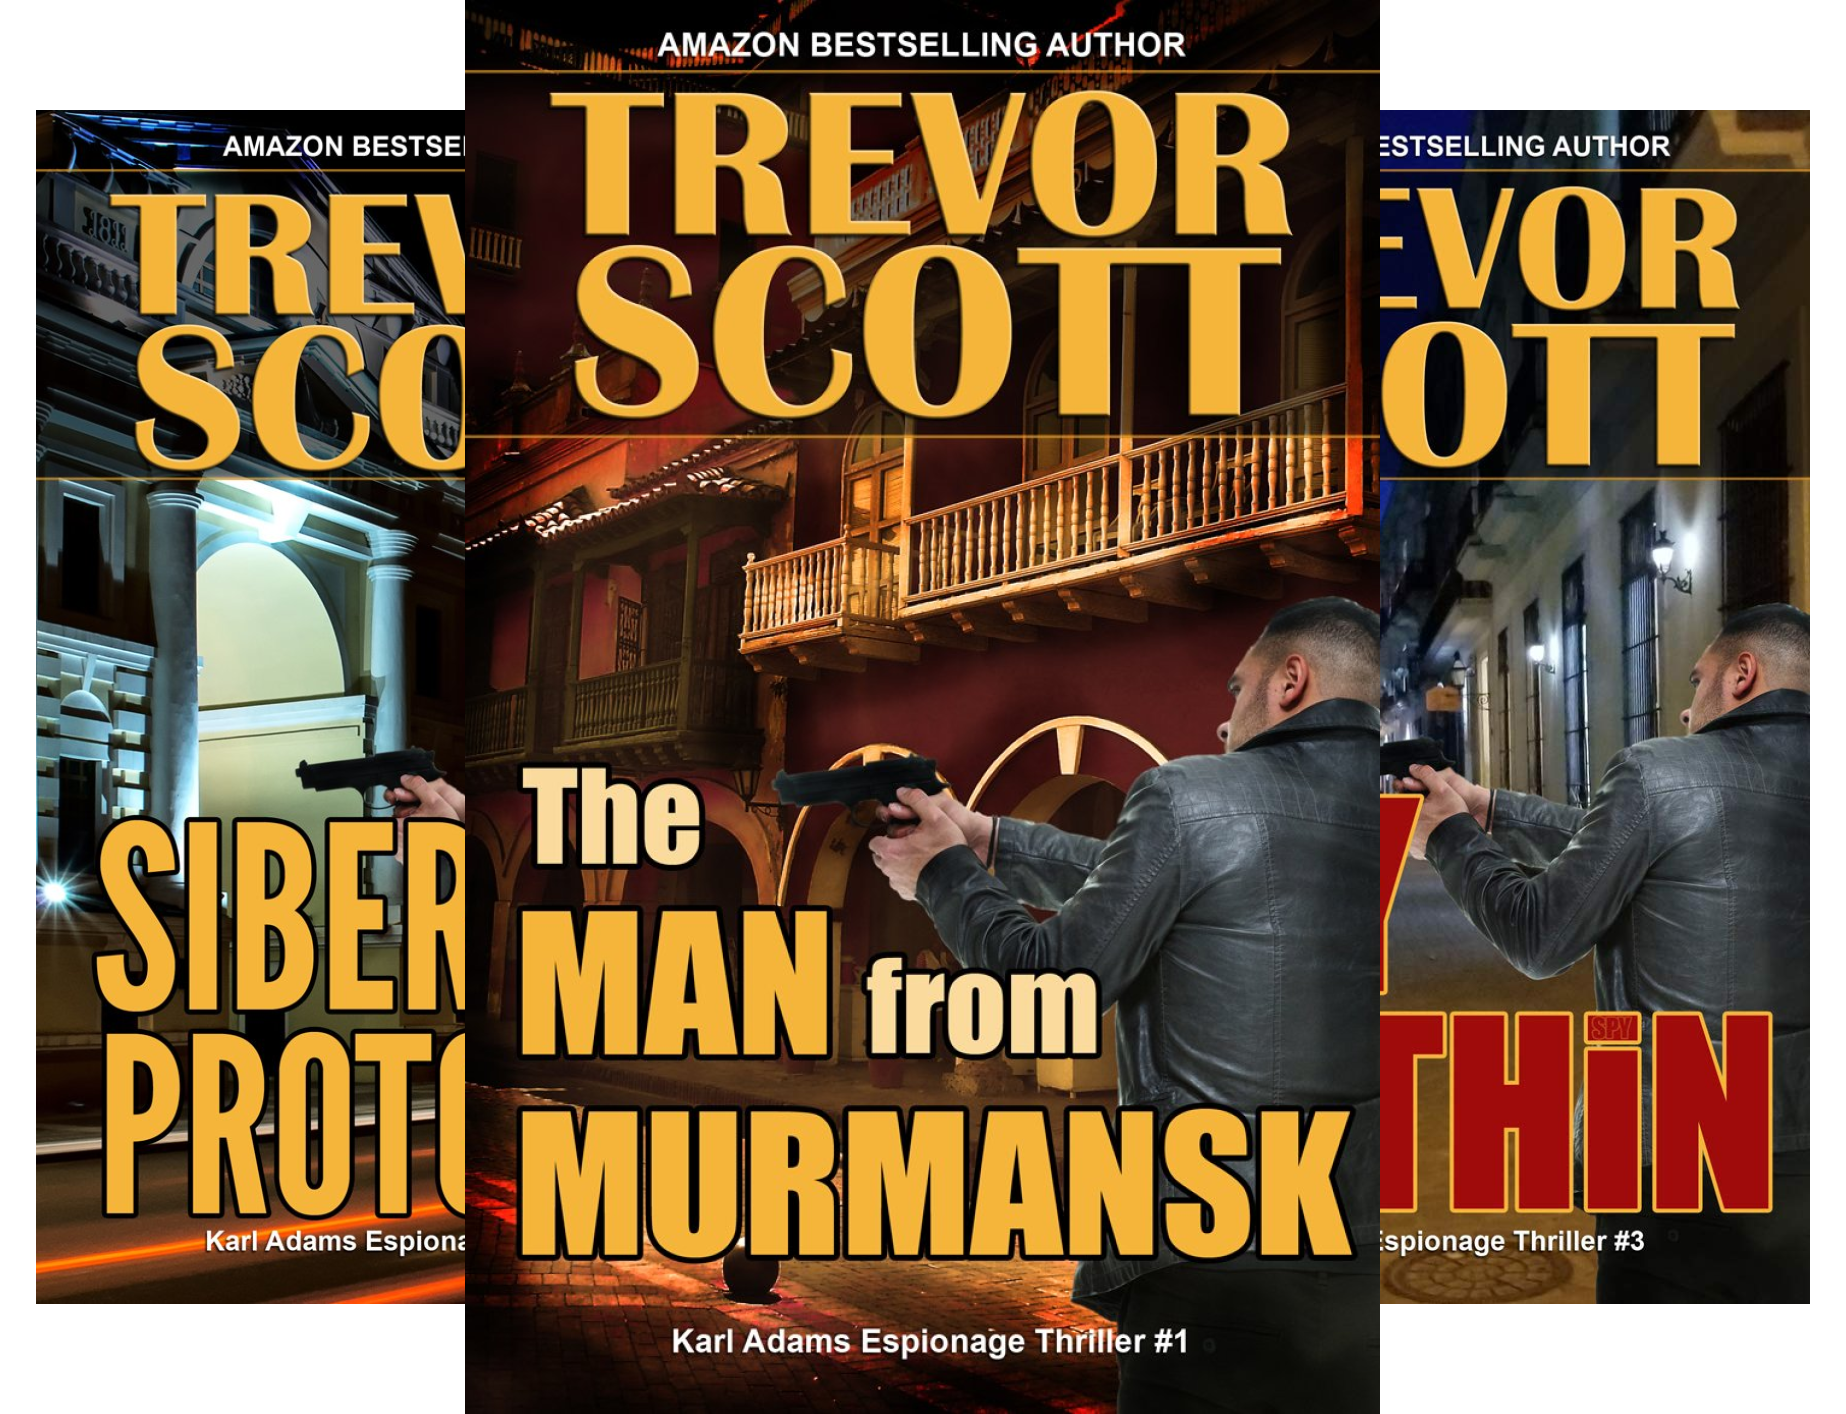 Karl Adams Espionage Thriller Series (3 Book Series)